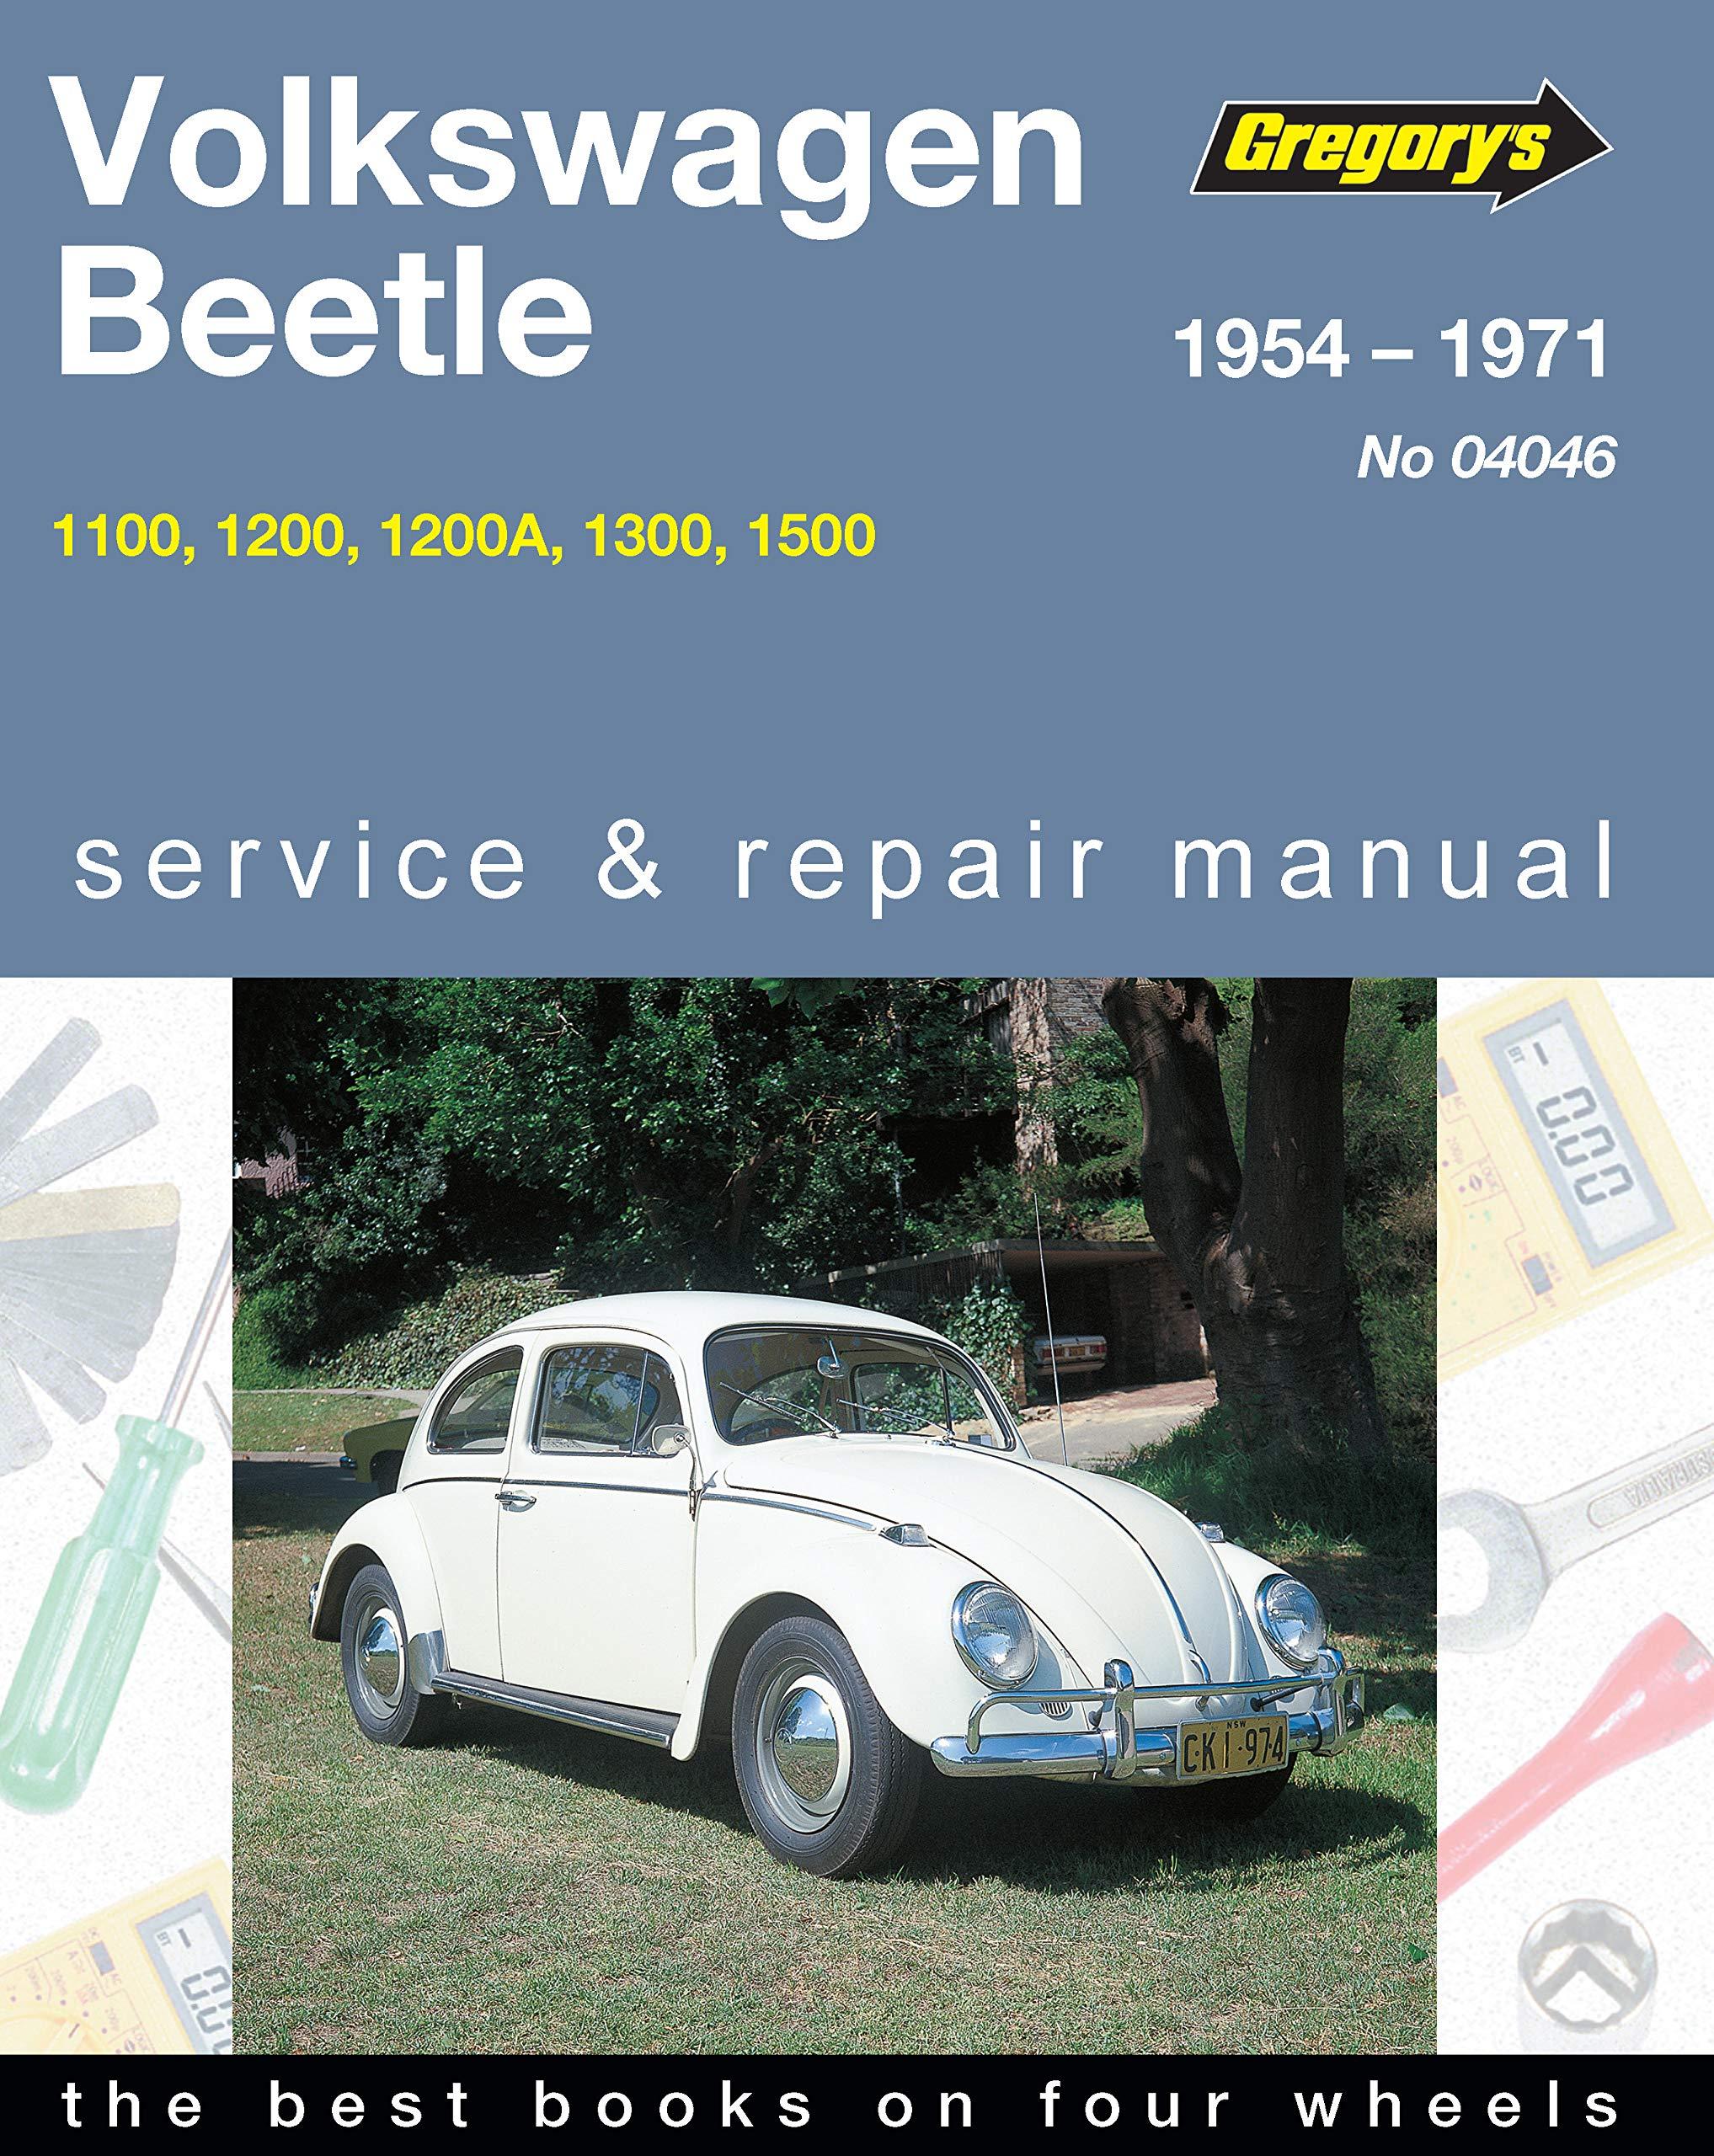 Buy Volkswagen Beetle Type I 1200, 1300, 1500 1962-70 Workshop Manual Book  Online at Low Prices in India   Volkswagen Beetle Type I 1200, 1300, 1500  1962-70 ...